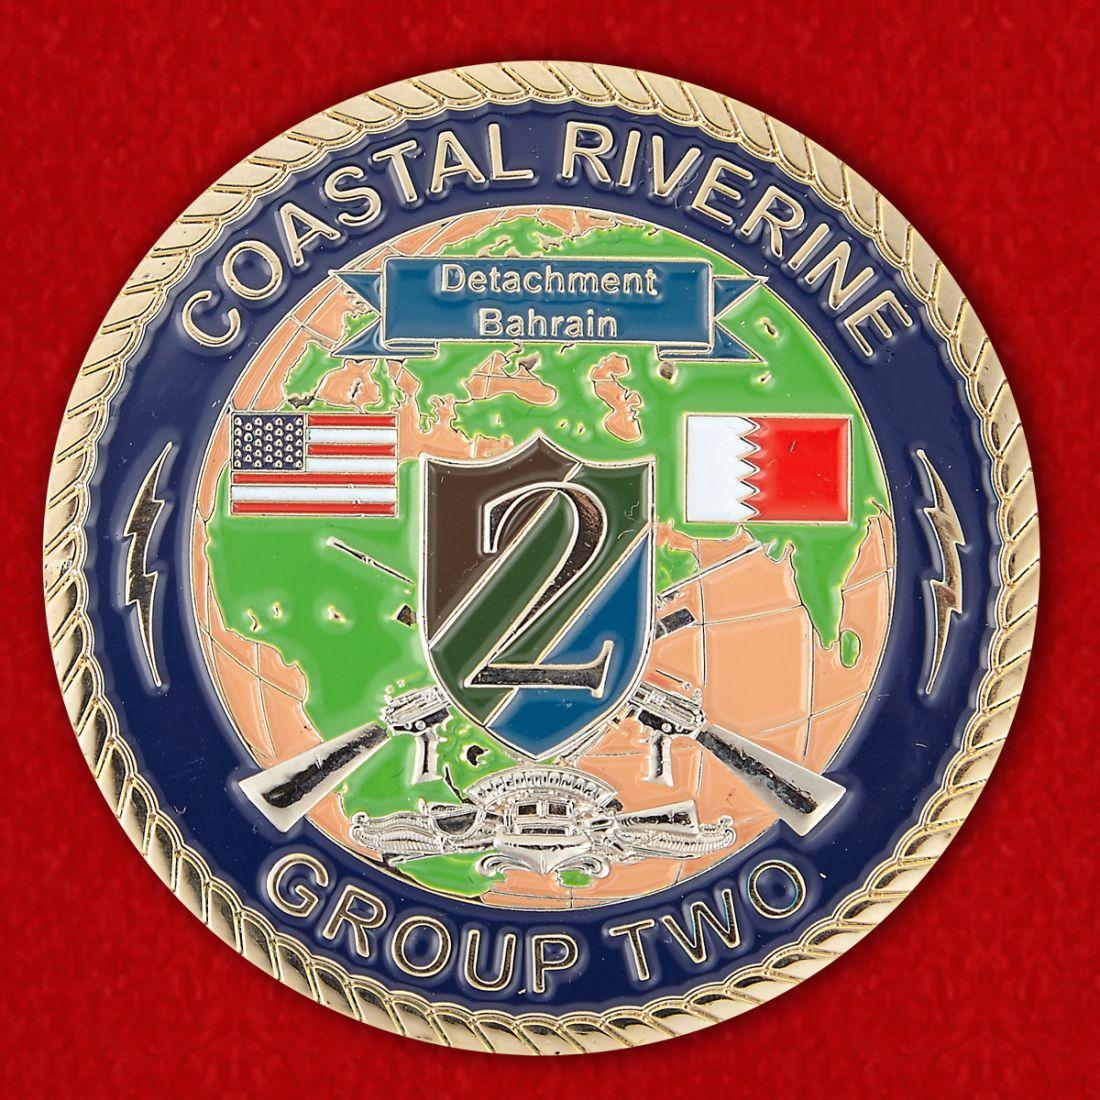 Челлендж коин 2-й Экспедиционной группы Береговой обороны ВМС США в Бахрейне